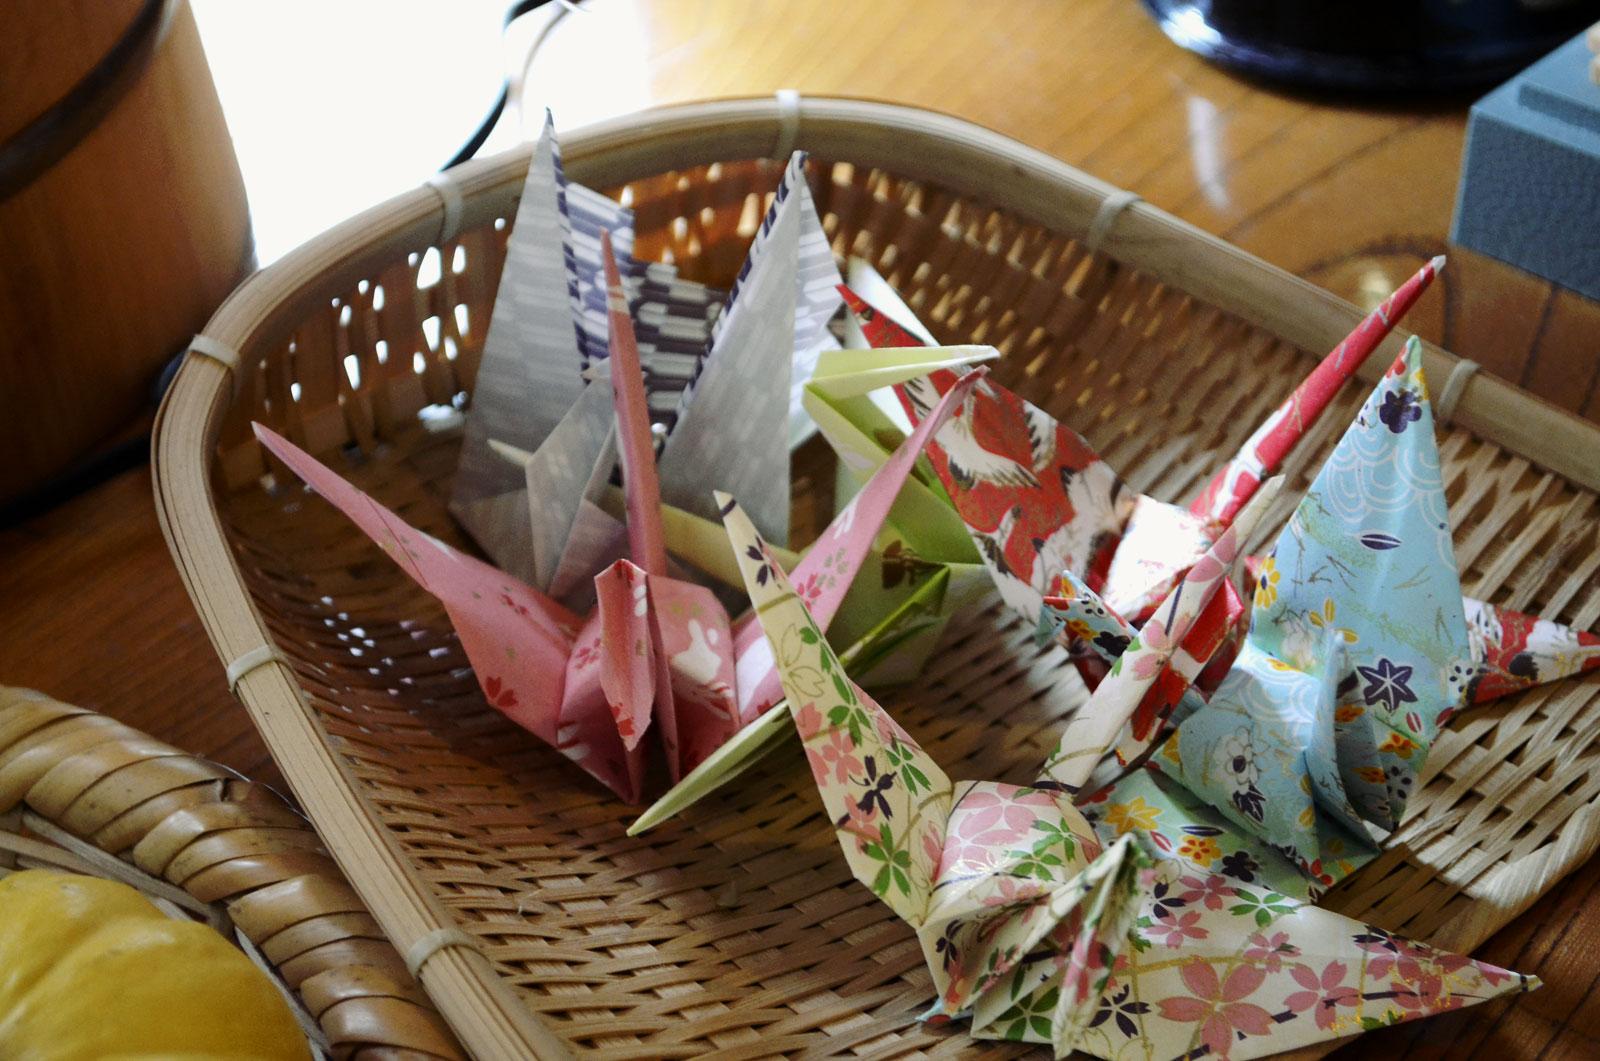 【高齢者レクリエーション】折り紙で脳トレ!簡単&すぐに折れる作品35選